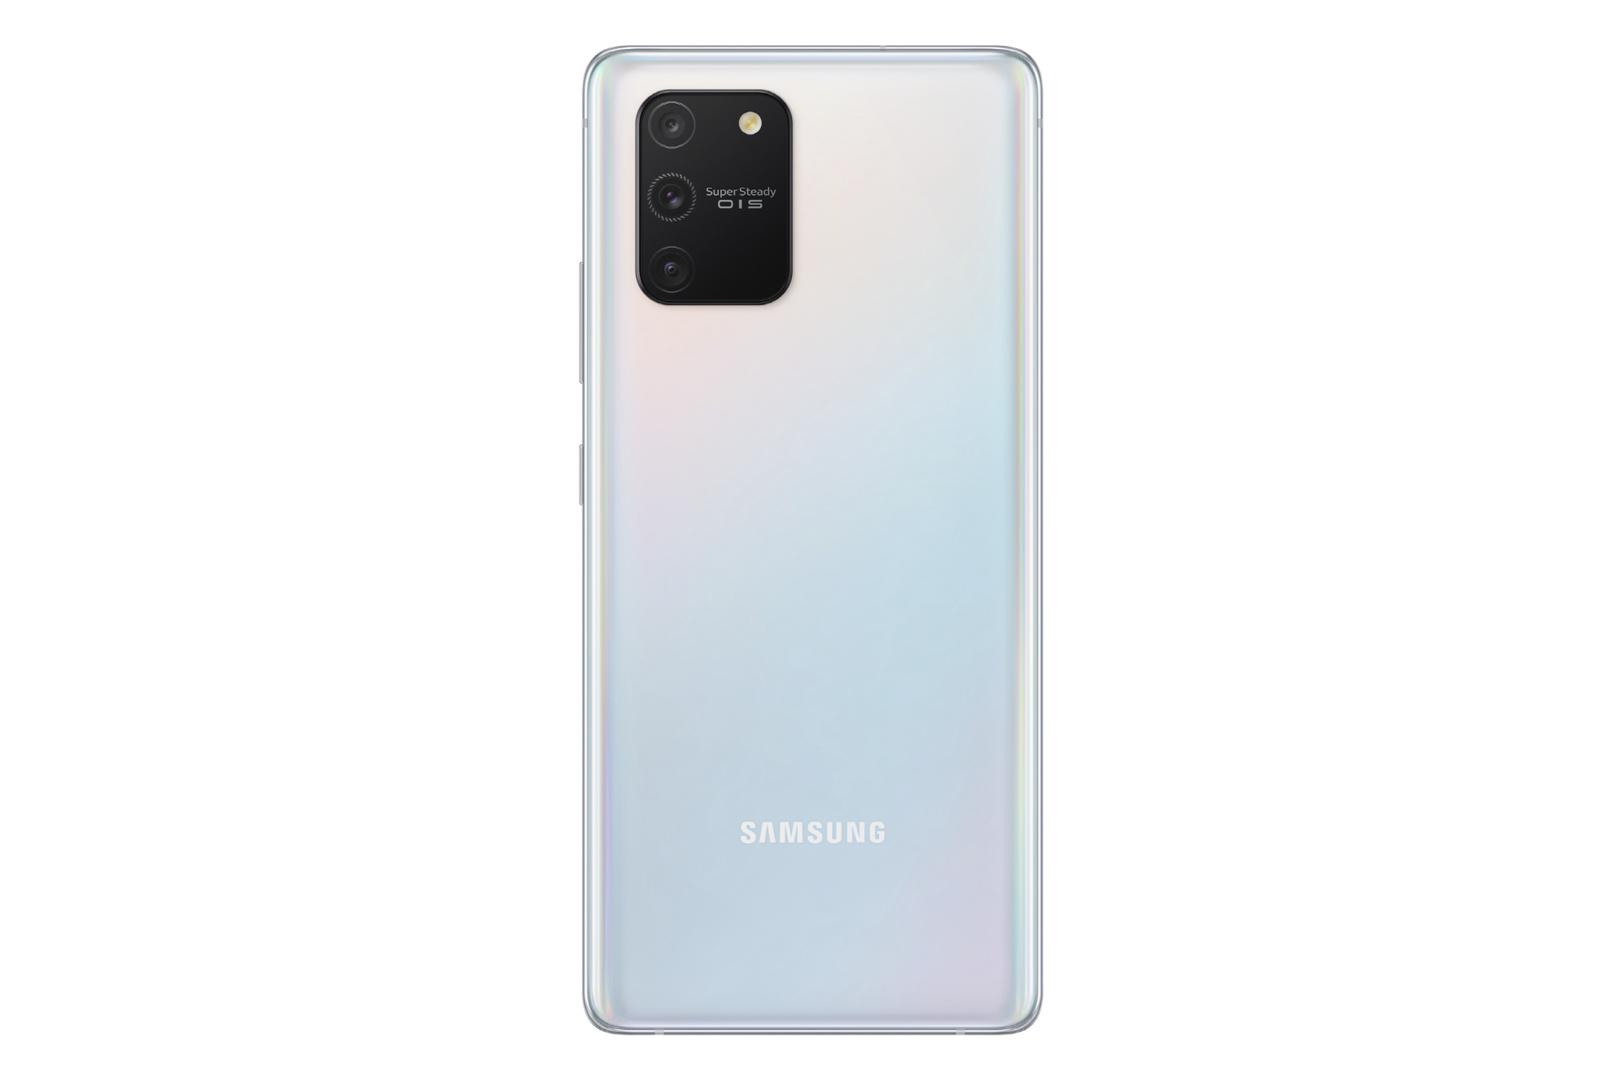 Kamera des Galaxy S10 Lite in Prism White